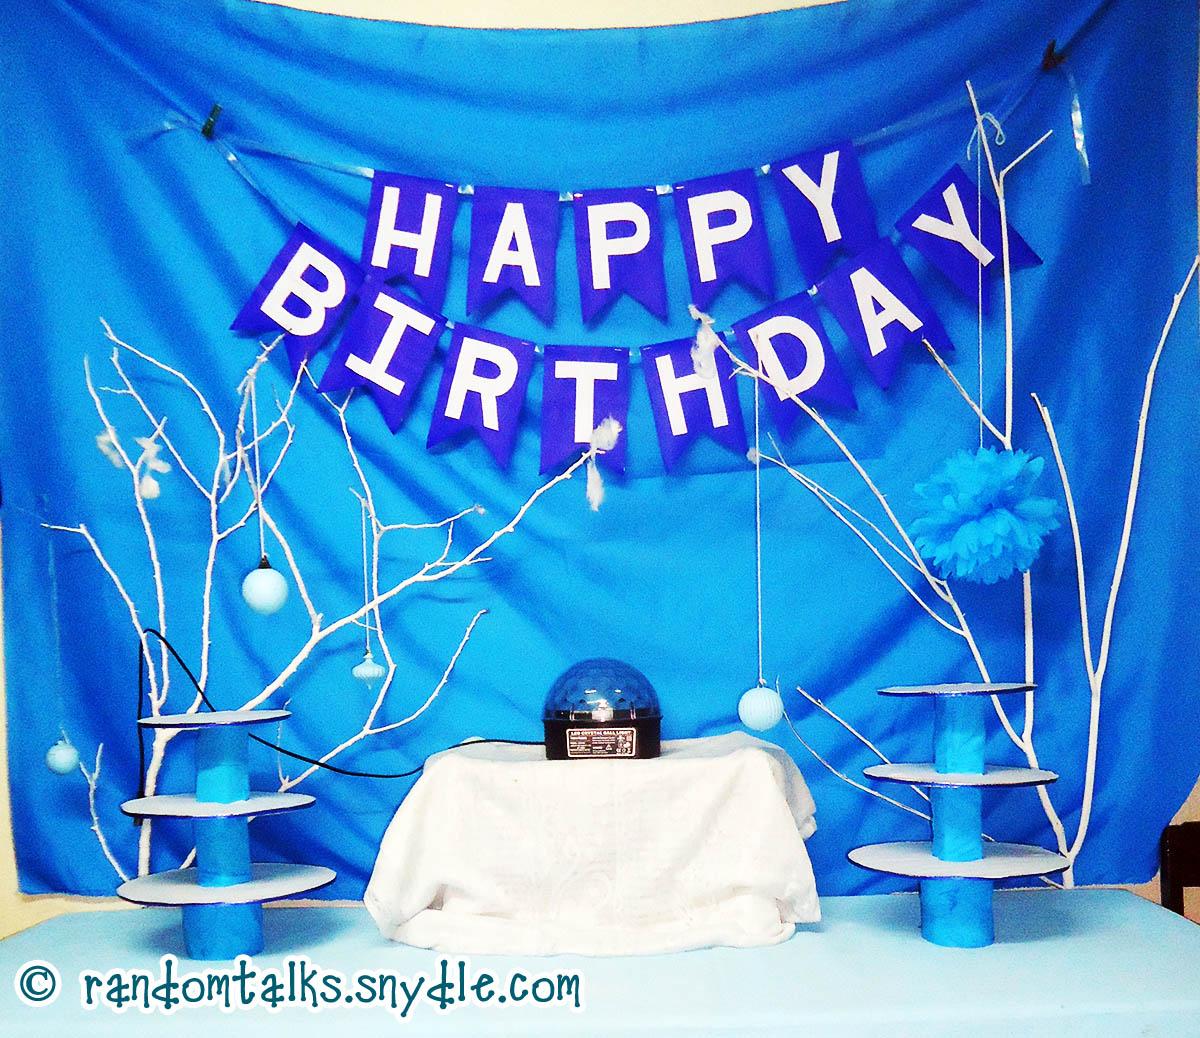 My Frozen Birthday Party Ideas Under $100  Random Talks ~ 011707_Birthday Party Ideas Under $100